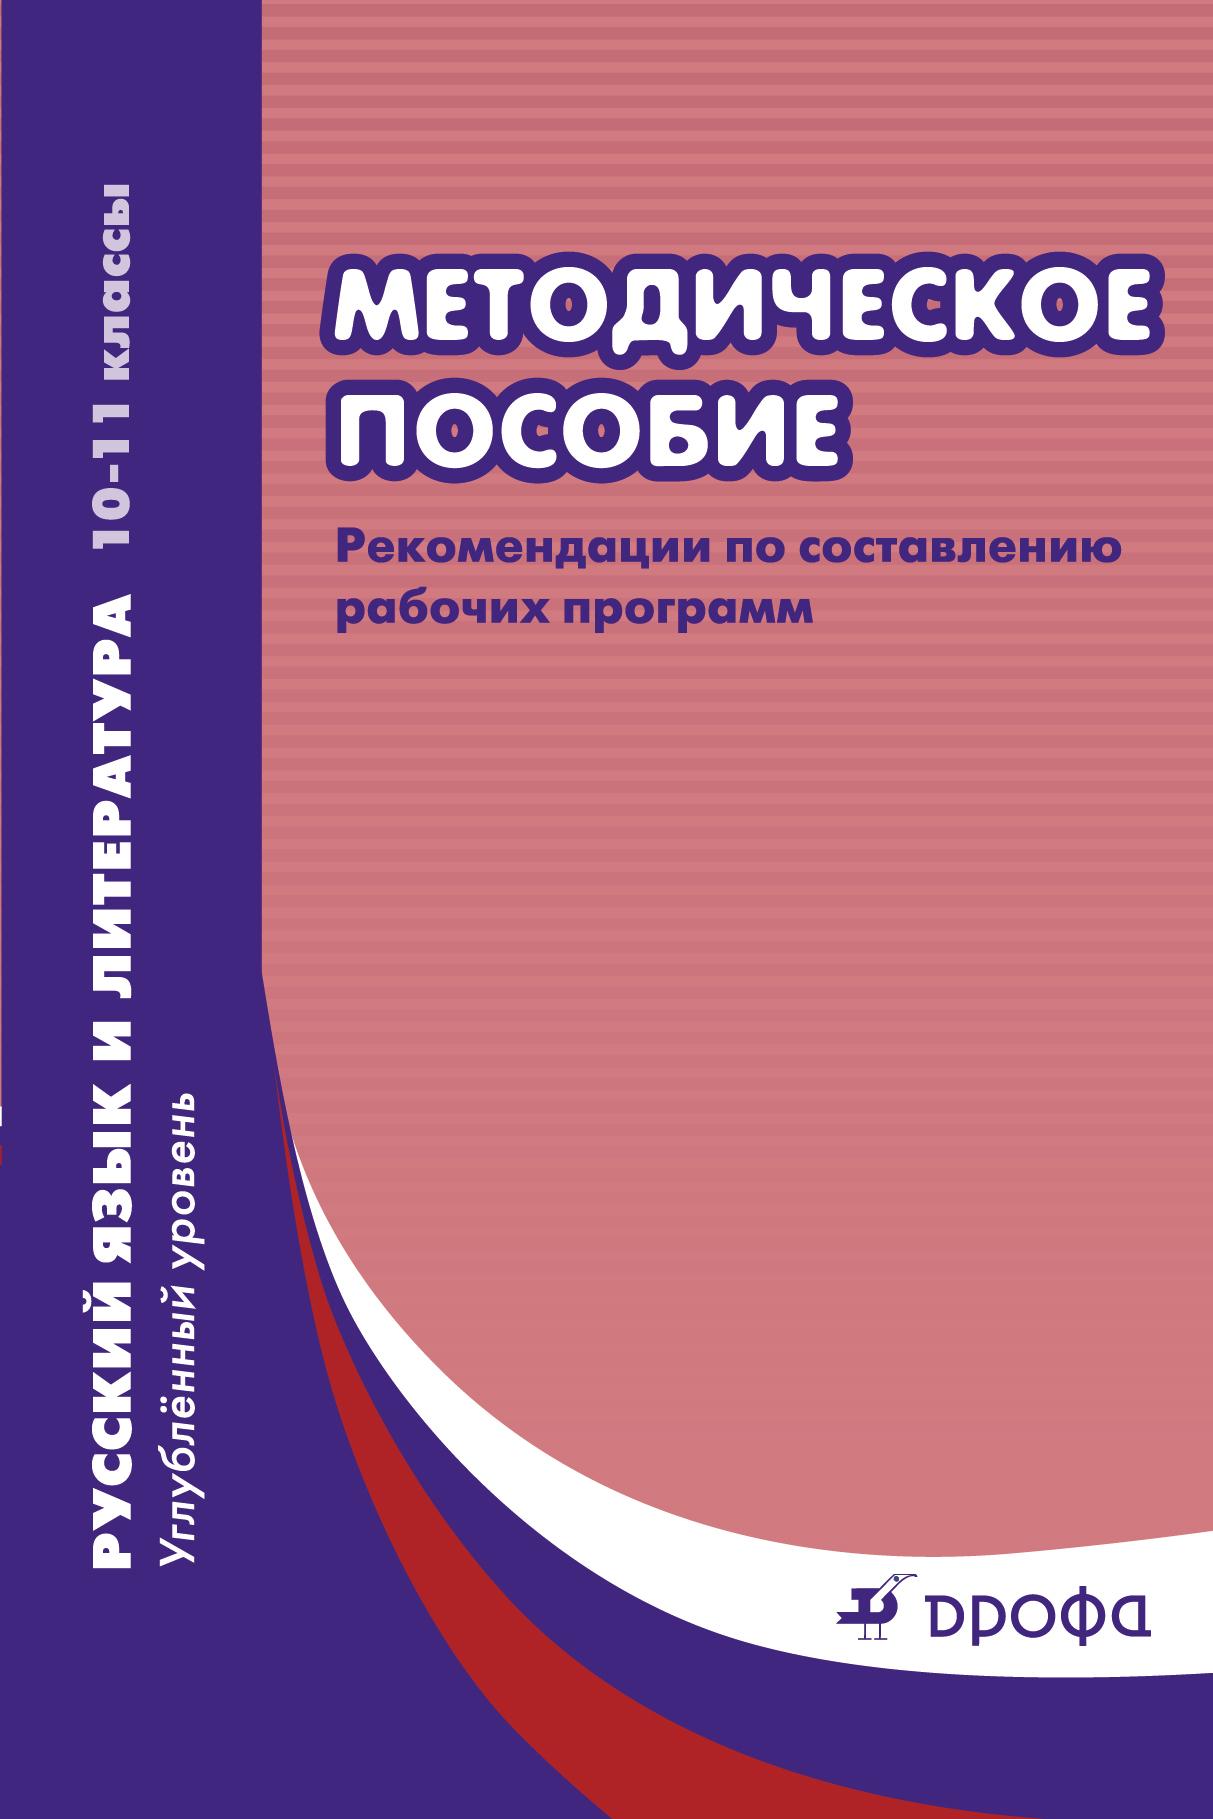 Русский язык и литература. Углубленный уровень. 10–11 классы. Рабочие программы